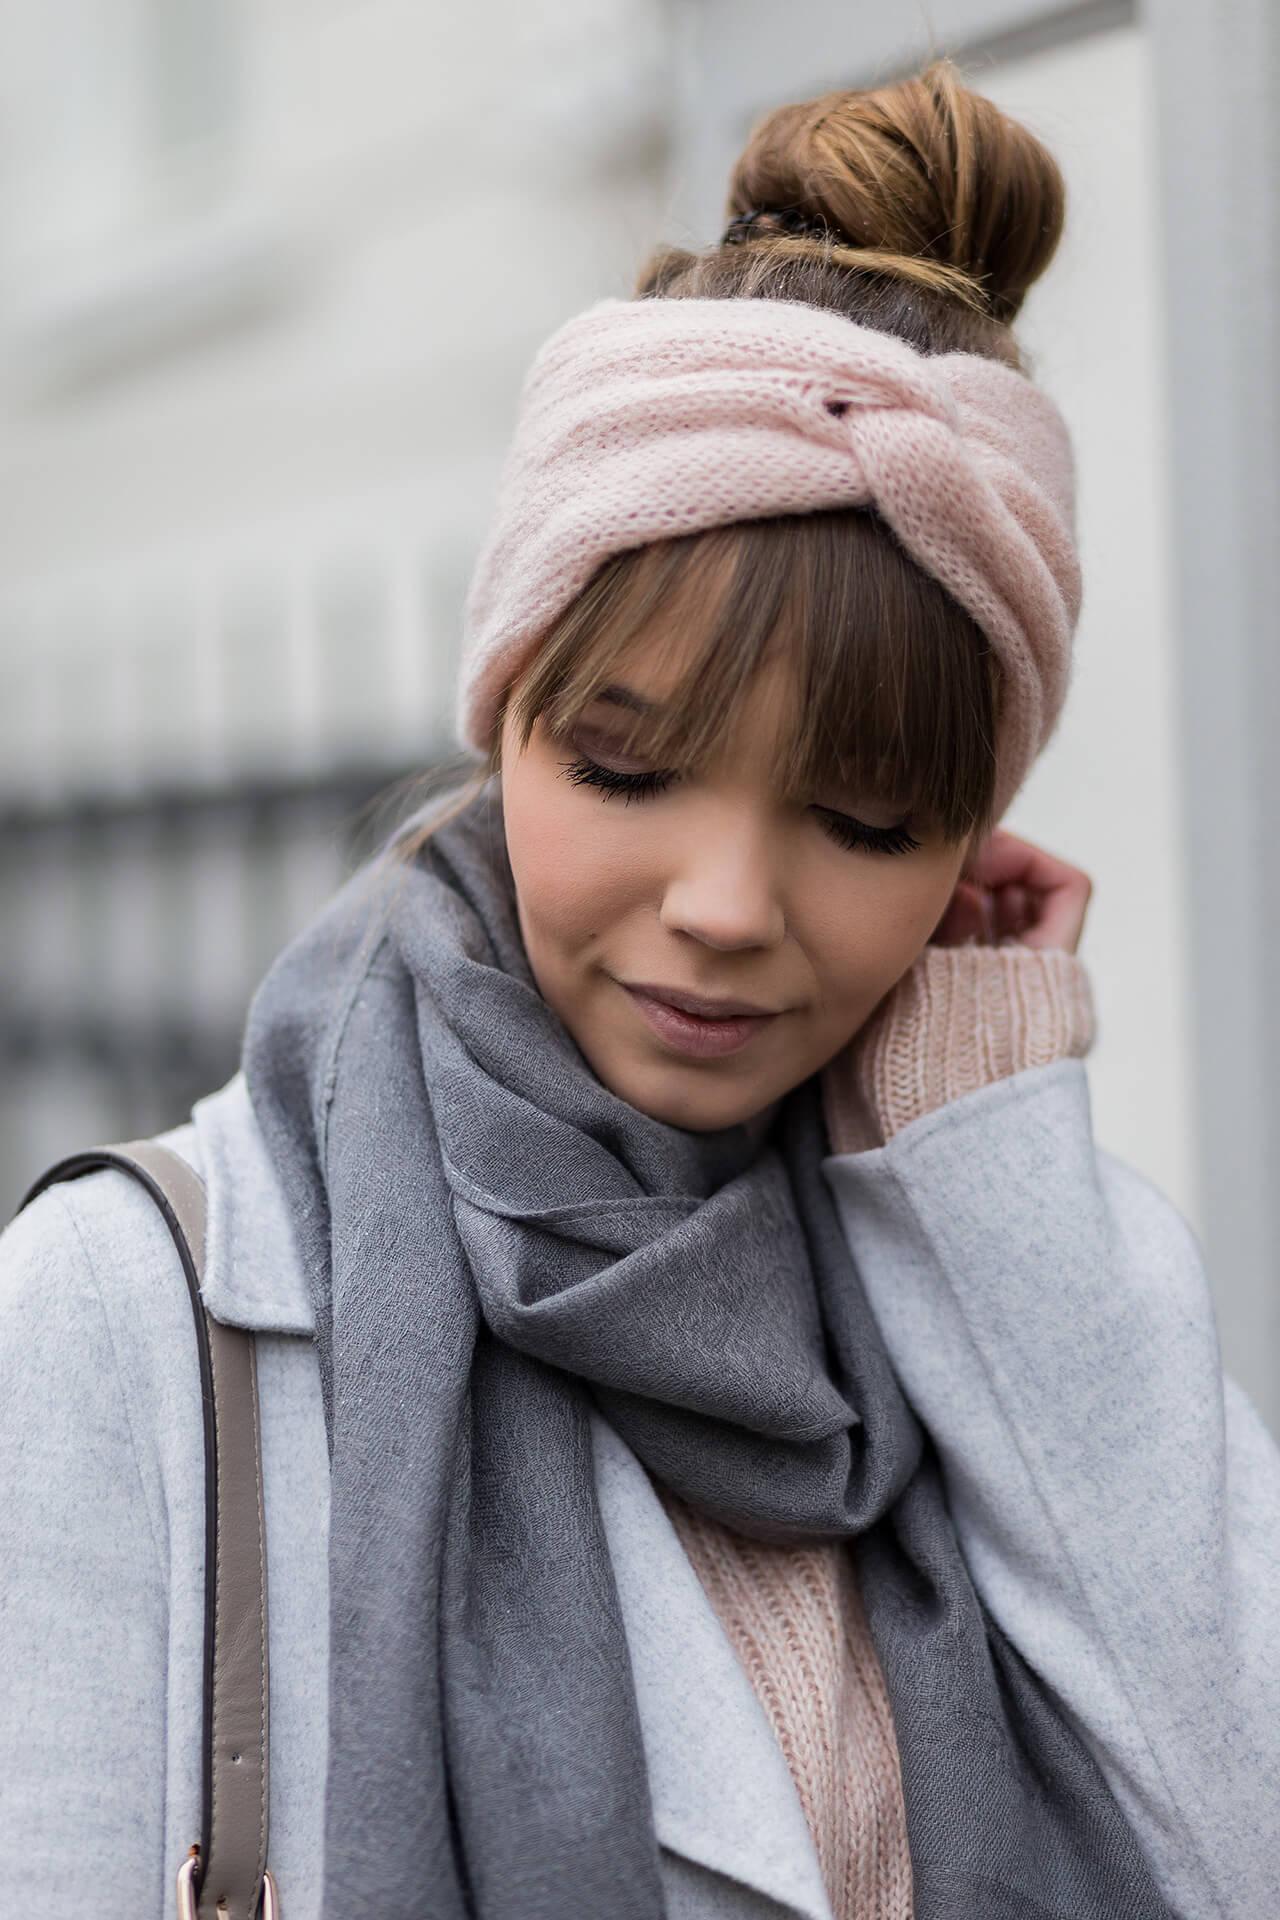 Stirnband Die Schicke Alternative Zur Mütze Shoelove By